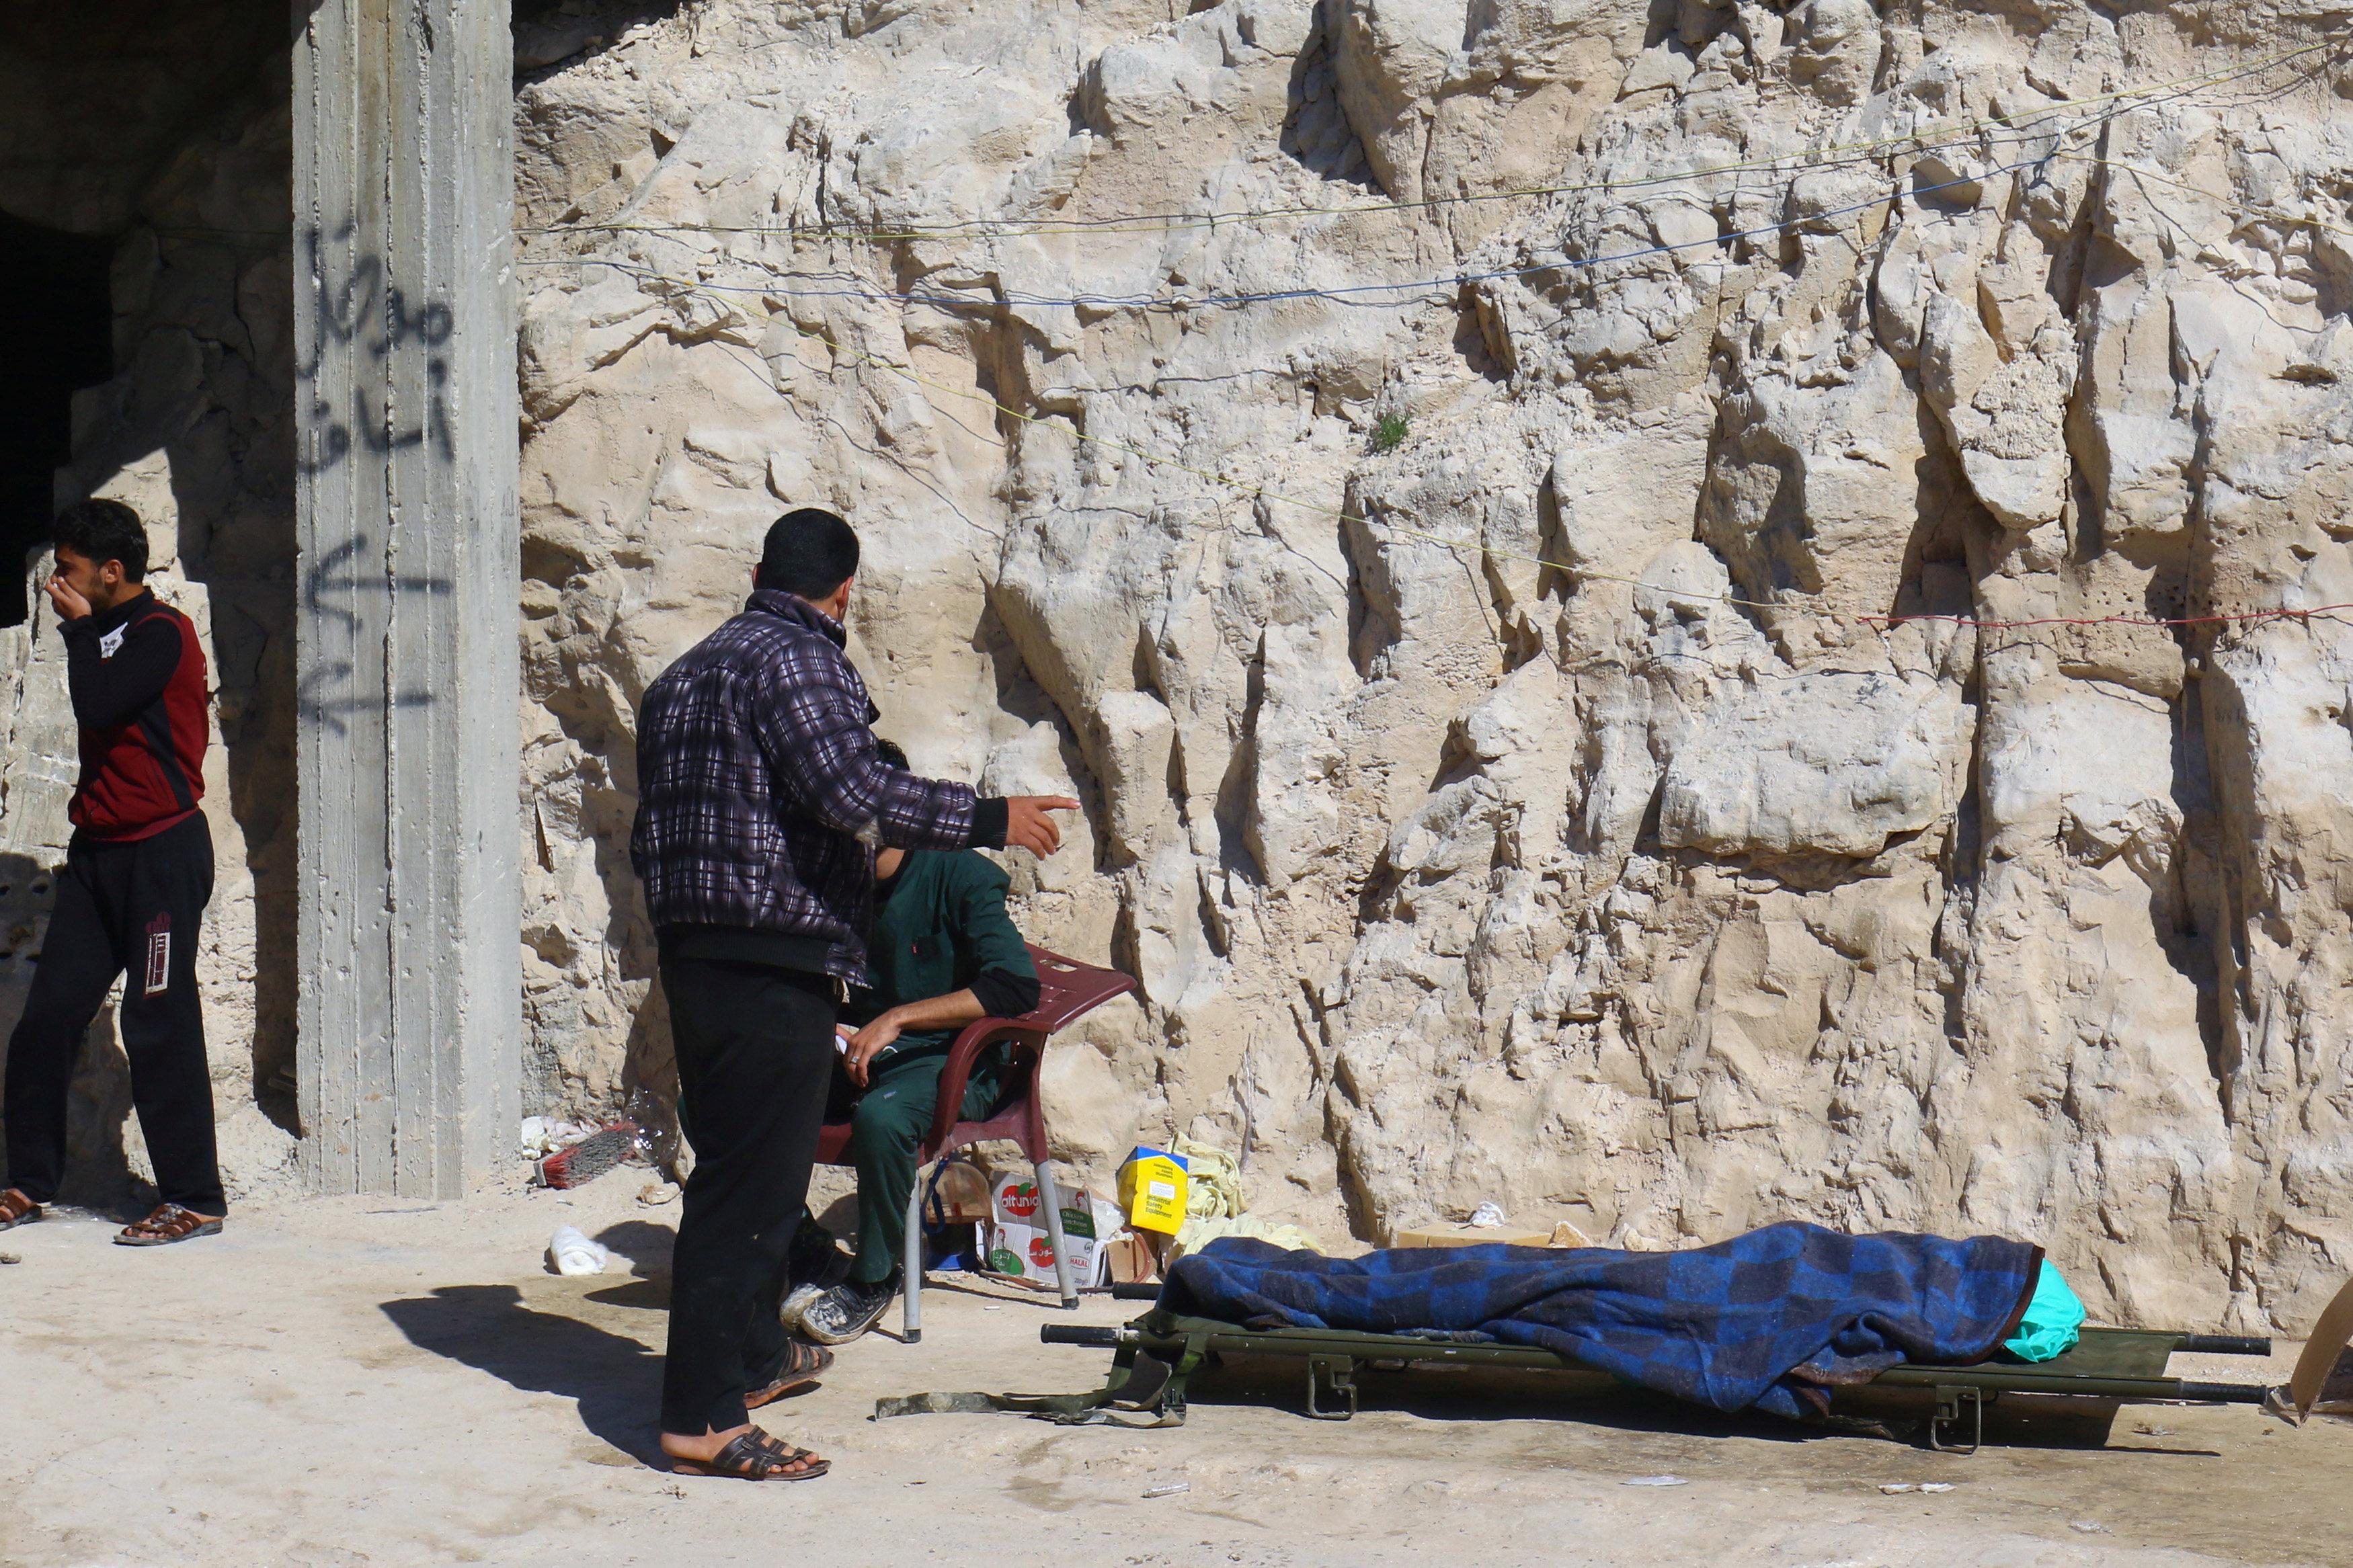 2017 04 04T095915Z 713744470 RC19B28F31C0 RTRMADP 3 MIDEAST CRISIS SYRIA IDLIB